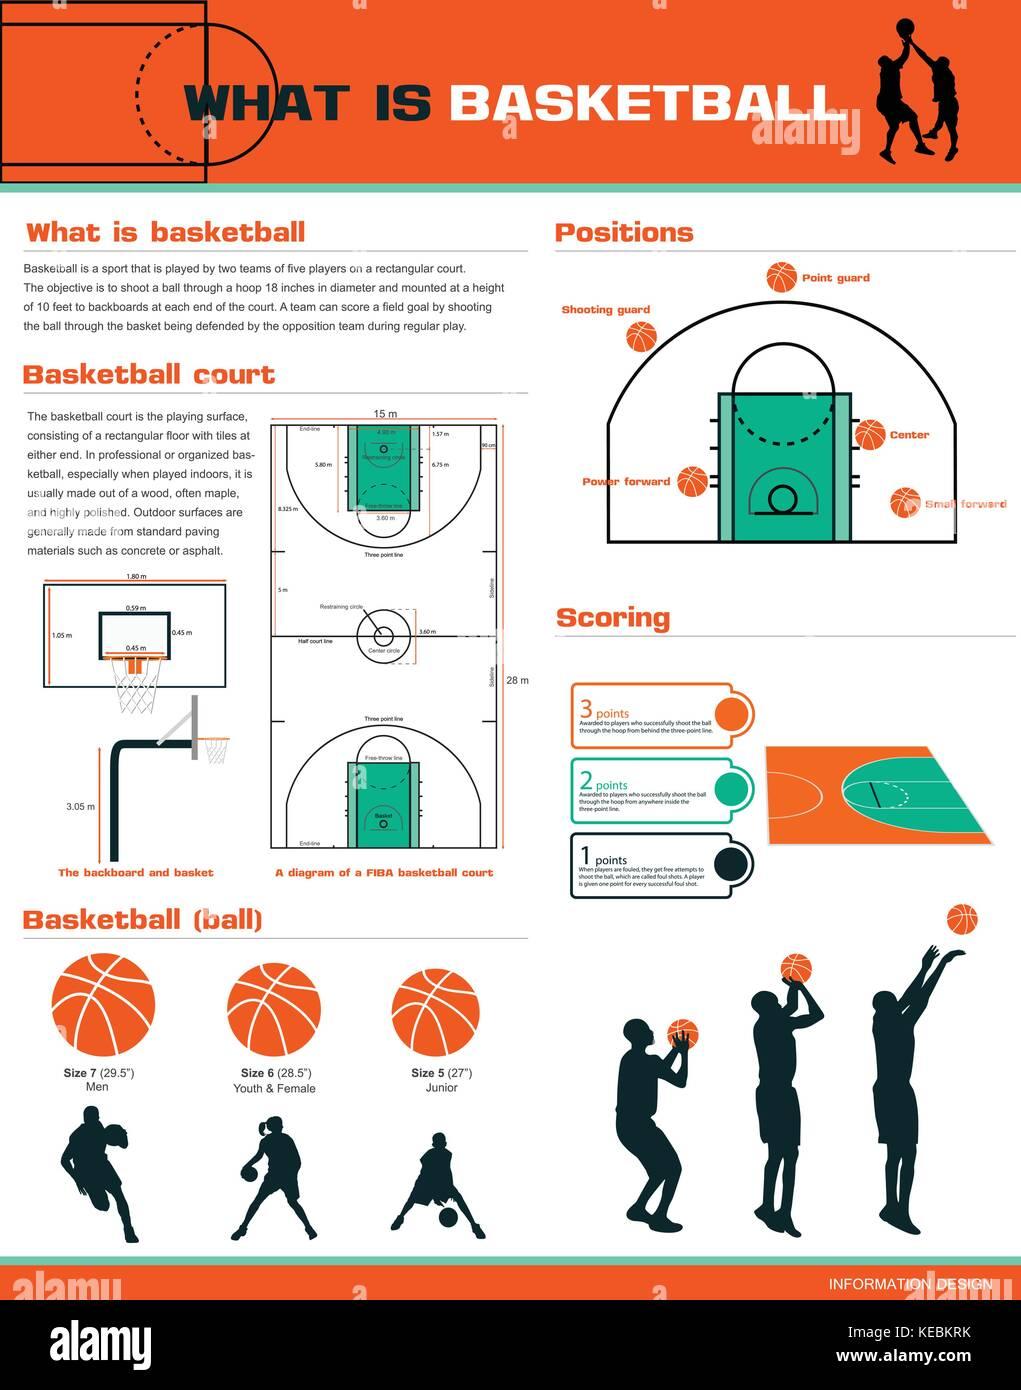 Wunderbar Basketball Schuss Diagramm Vorlage Fotos - Entry Level ...